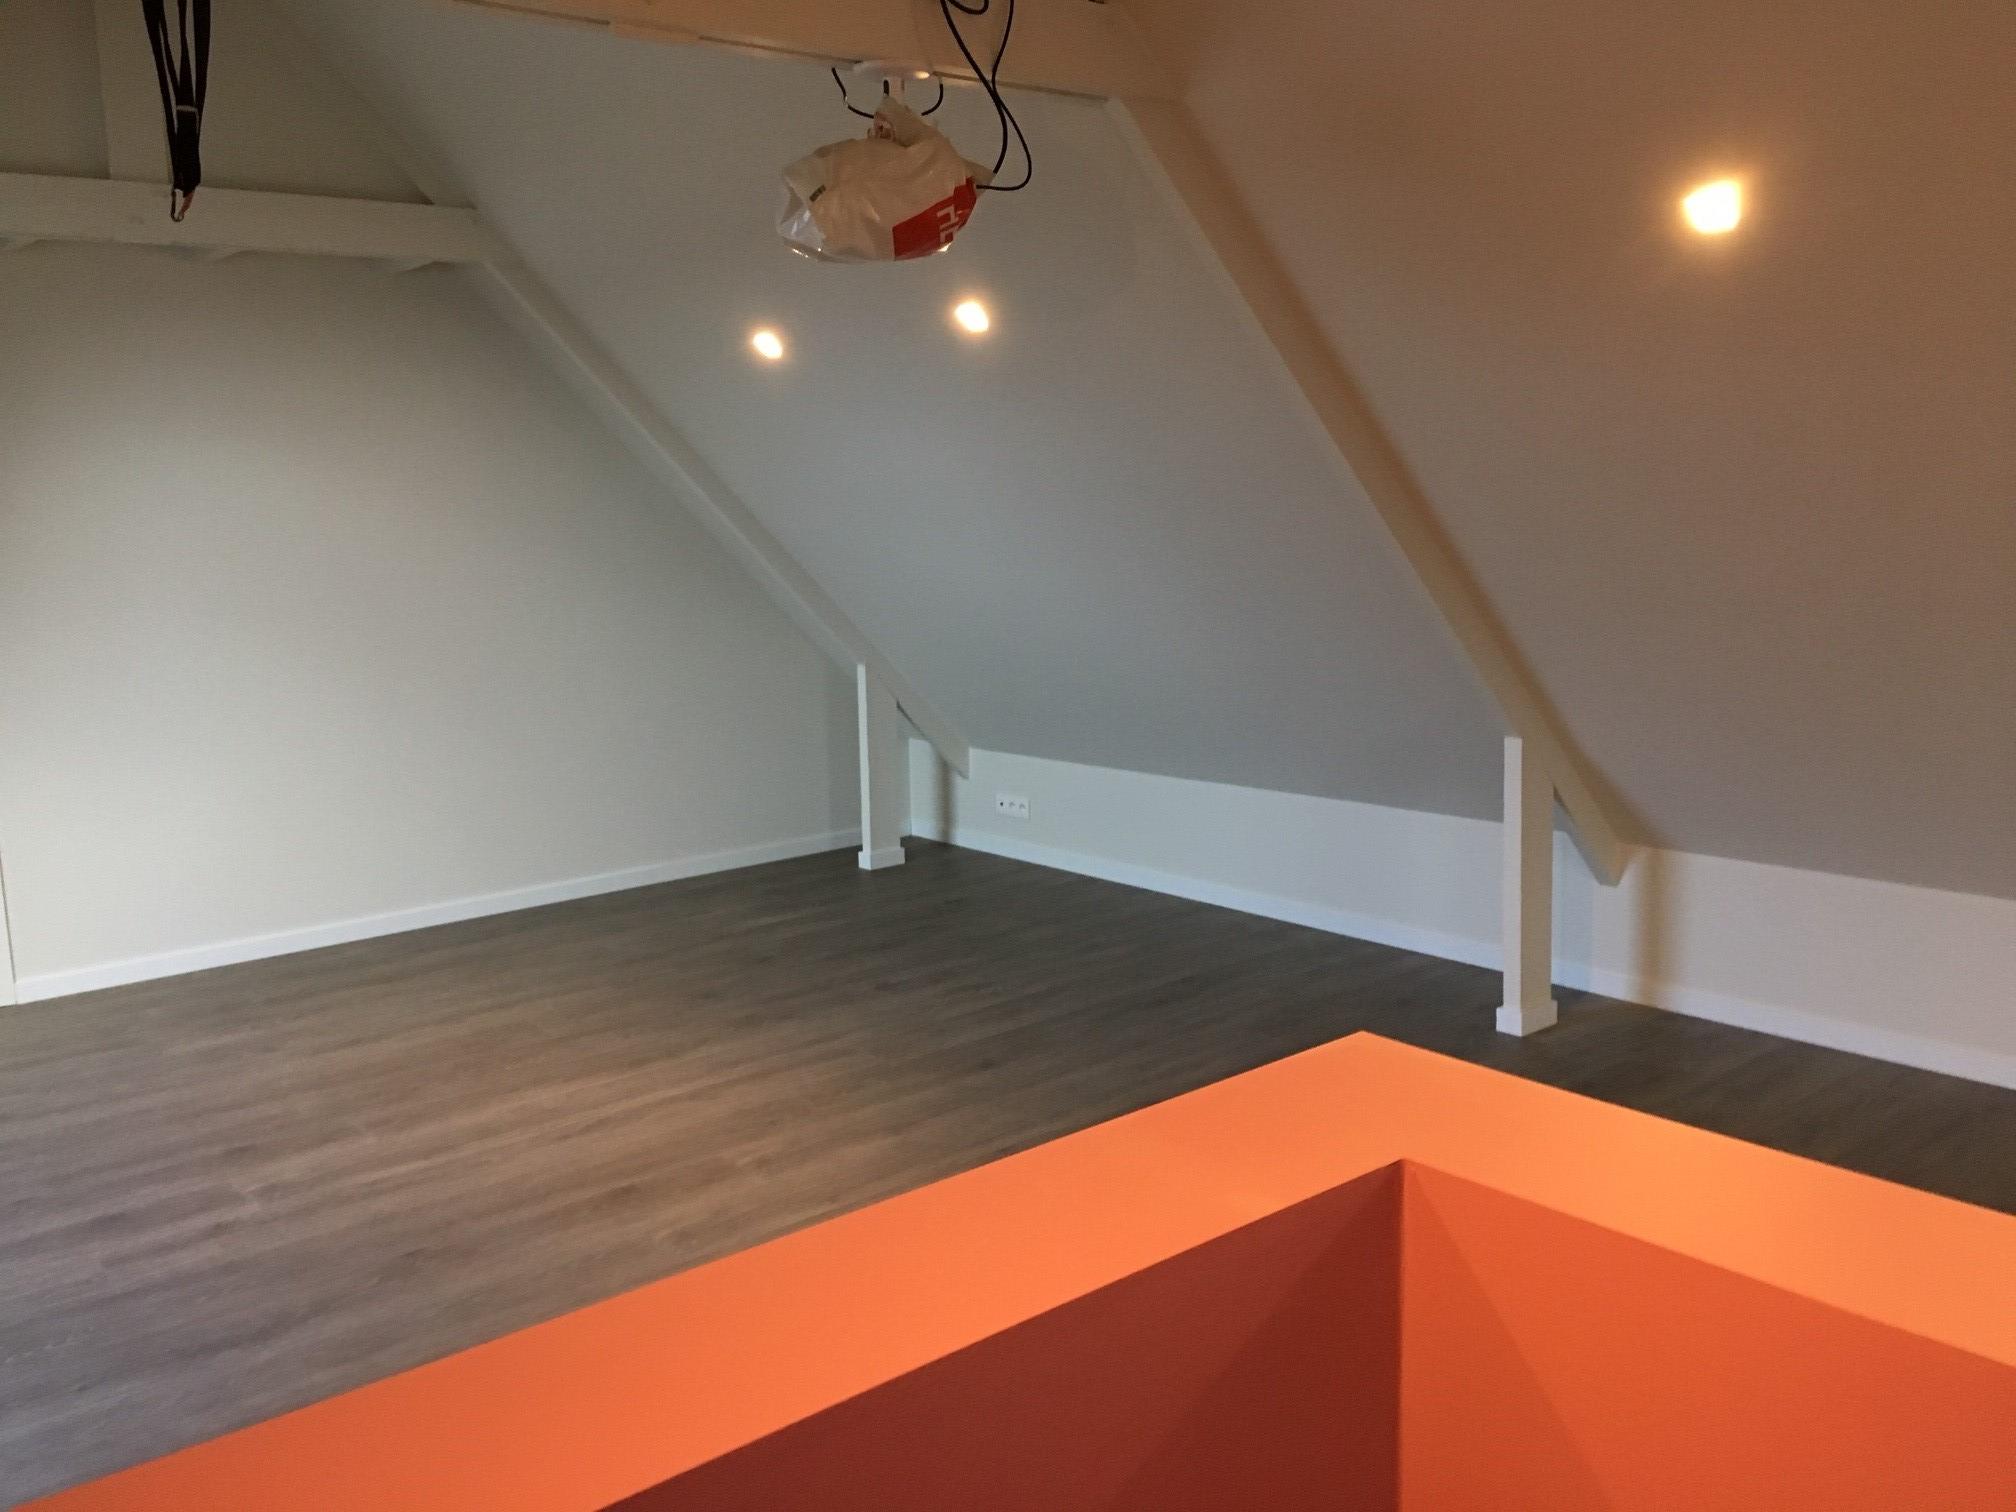 Zolderrenovaties-West Vlaanderen-laminaat